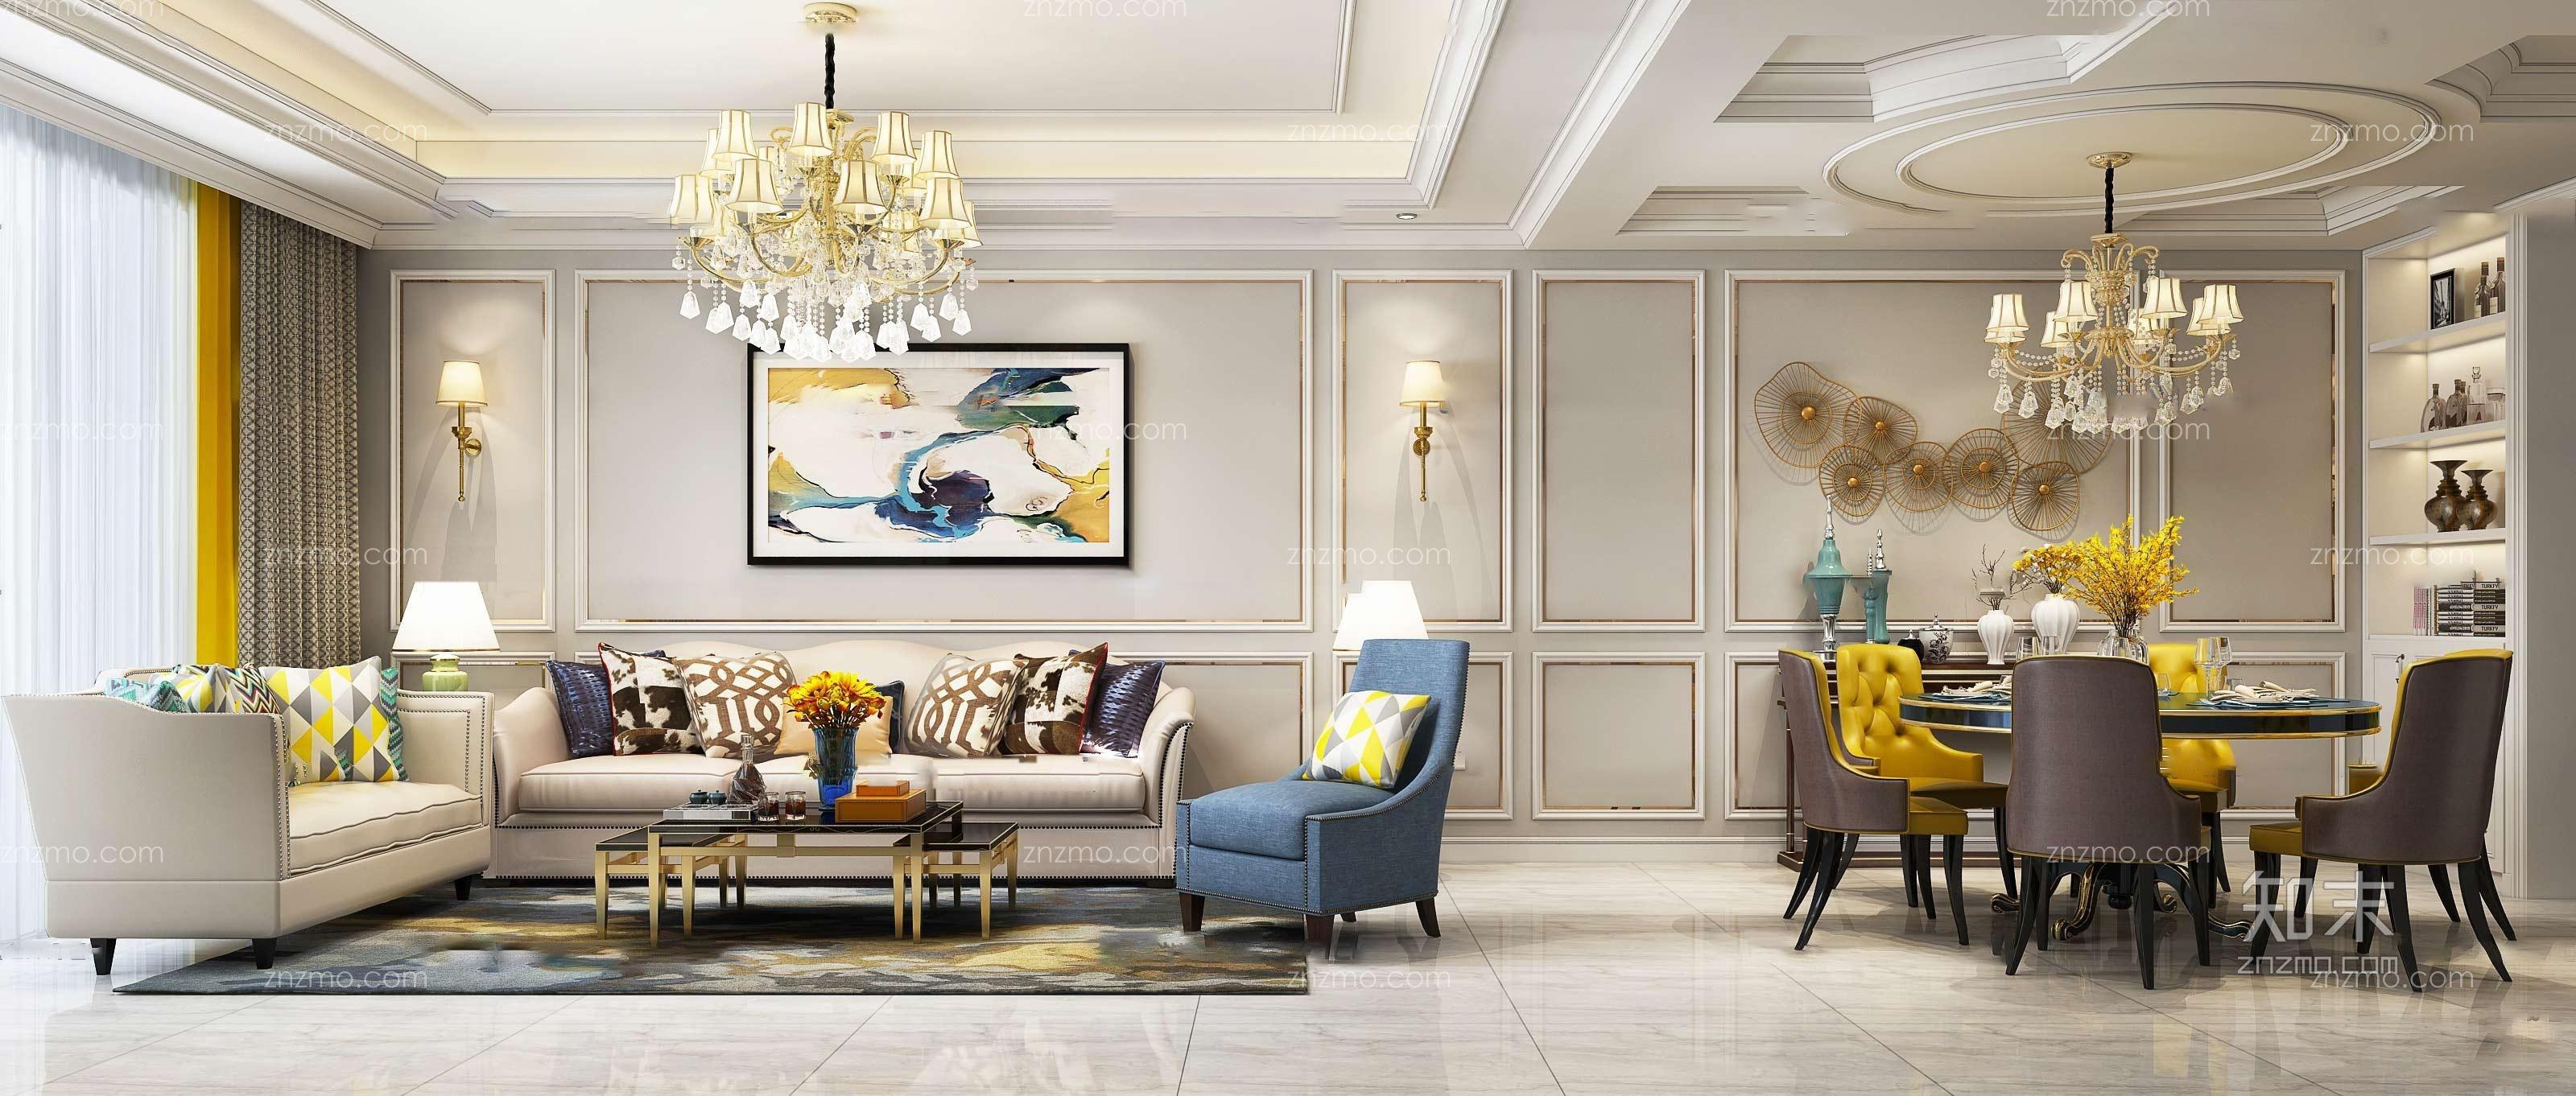 欧式客厅餐厅 沙发茶几 吊灯 休闲椅 挂画 壁灯 台灯 休闲椅 餐桌椅图片